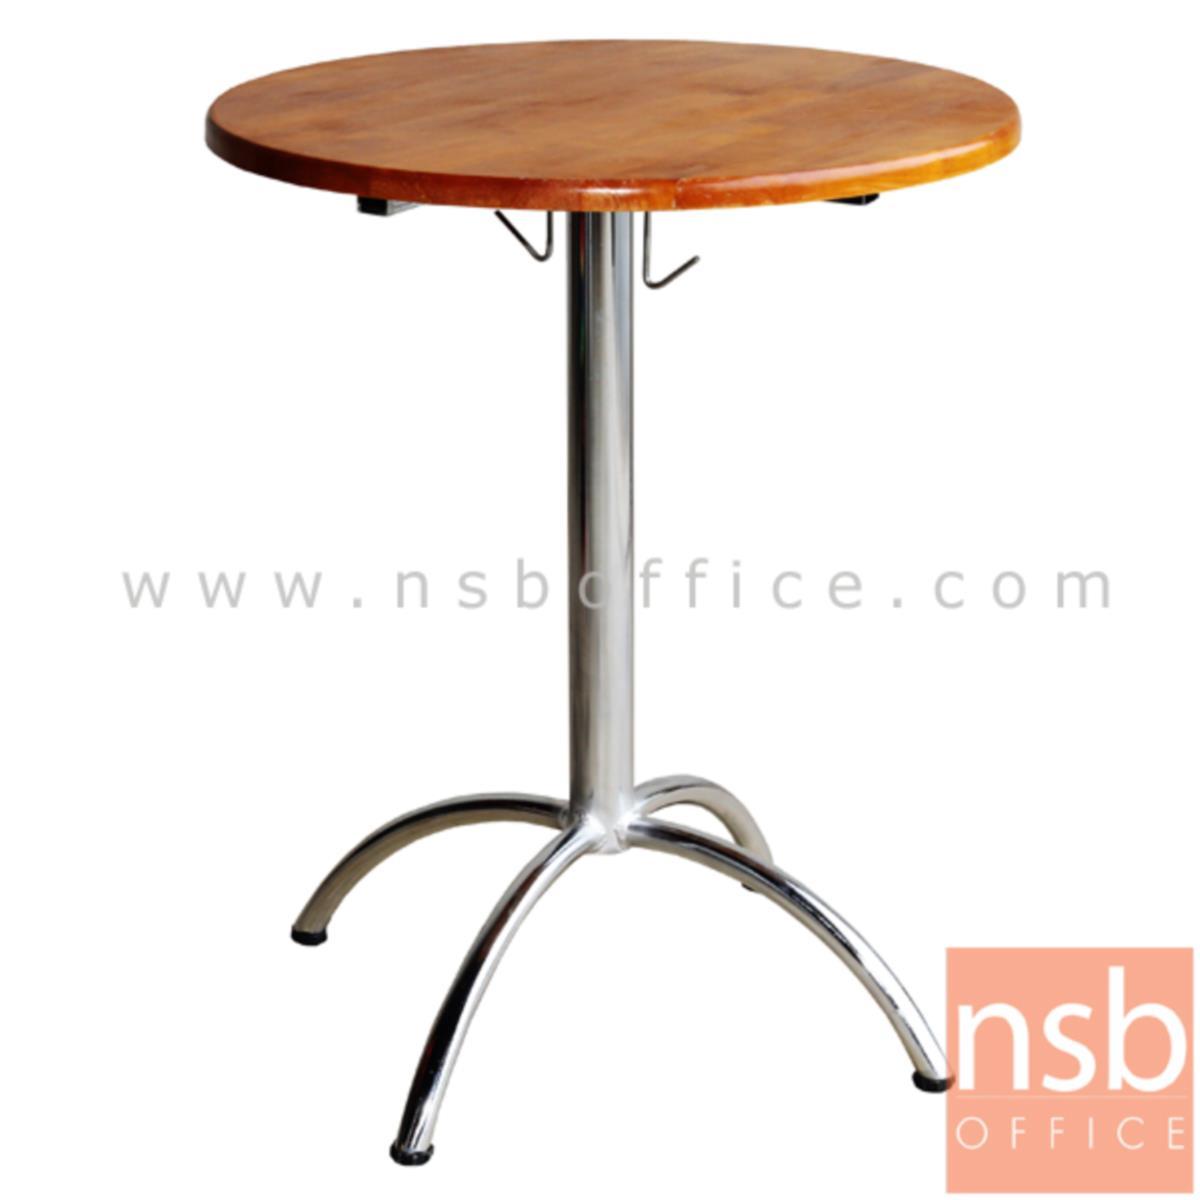 A14A003:โต๊ะไม้ยางพารา รุ่น Harran (ฮาร์รัน) ขนาด 60Di ,75Di cm. ขาเหล็ก